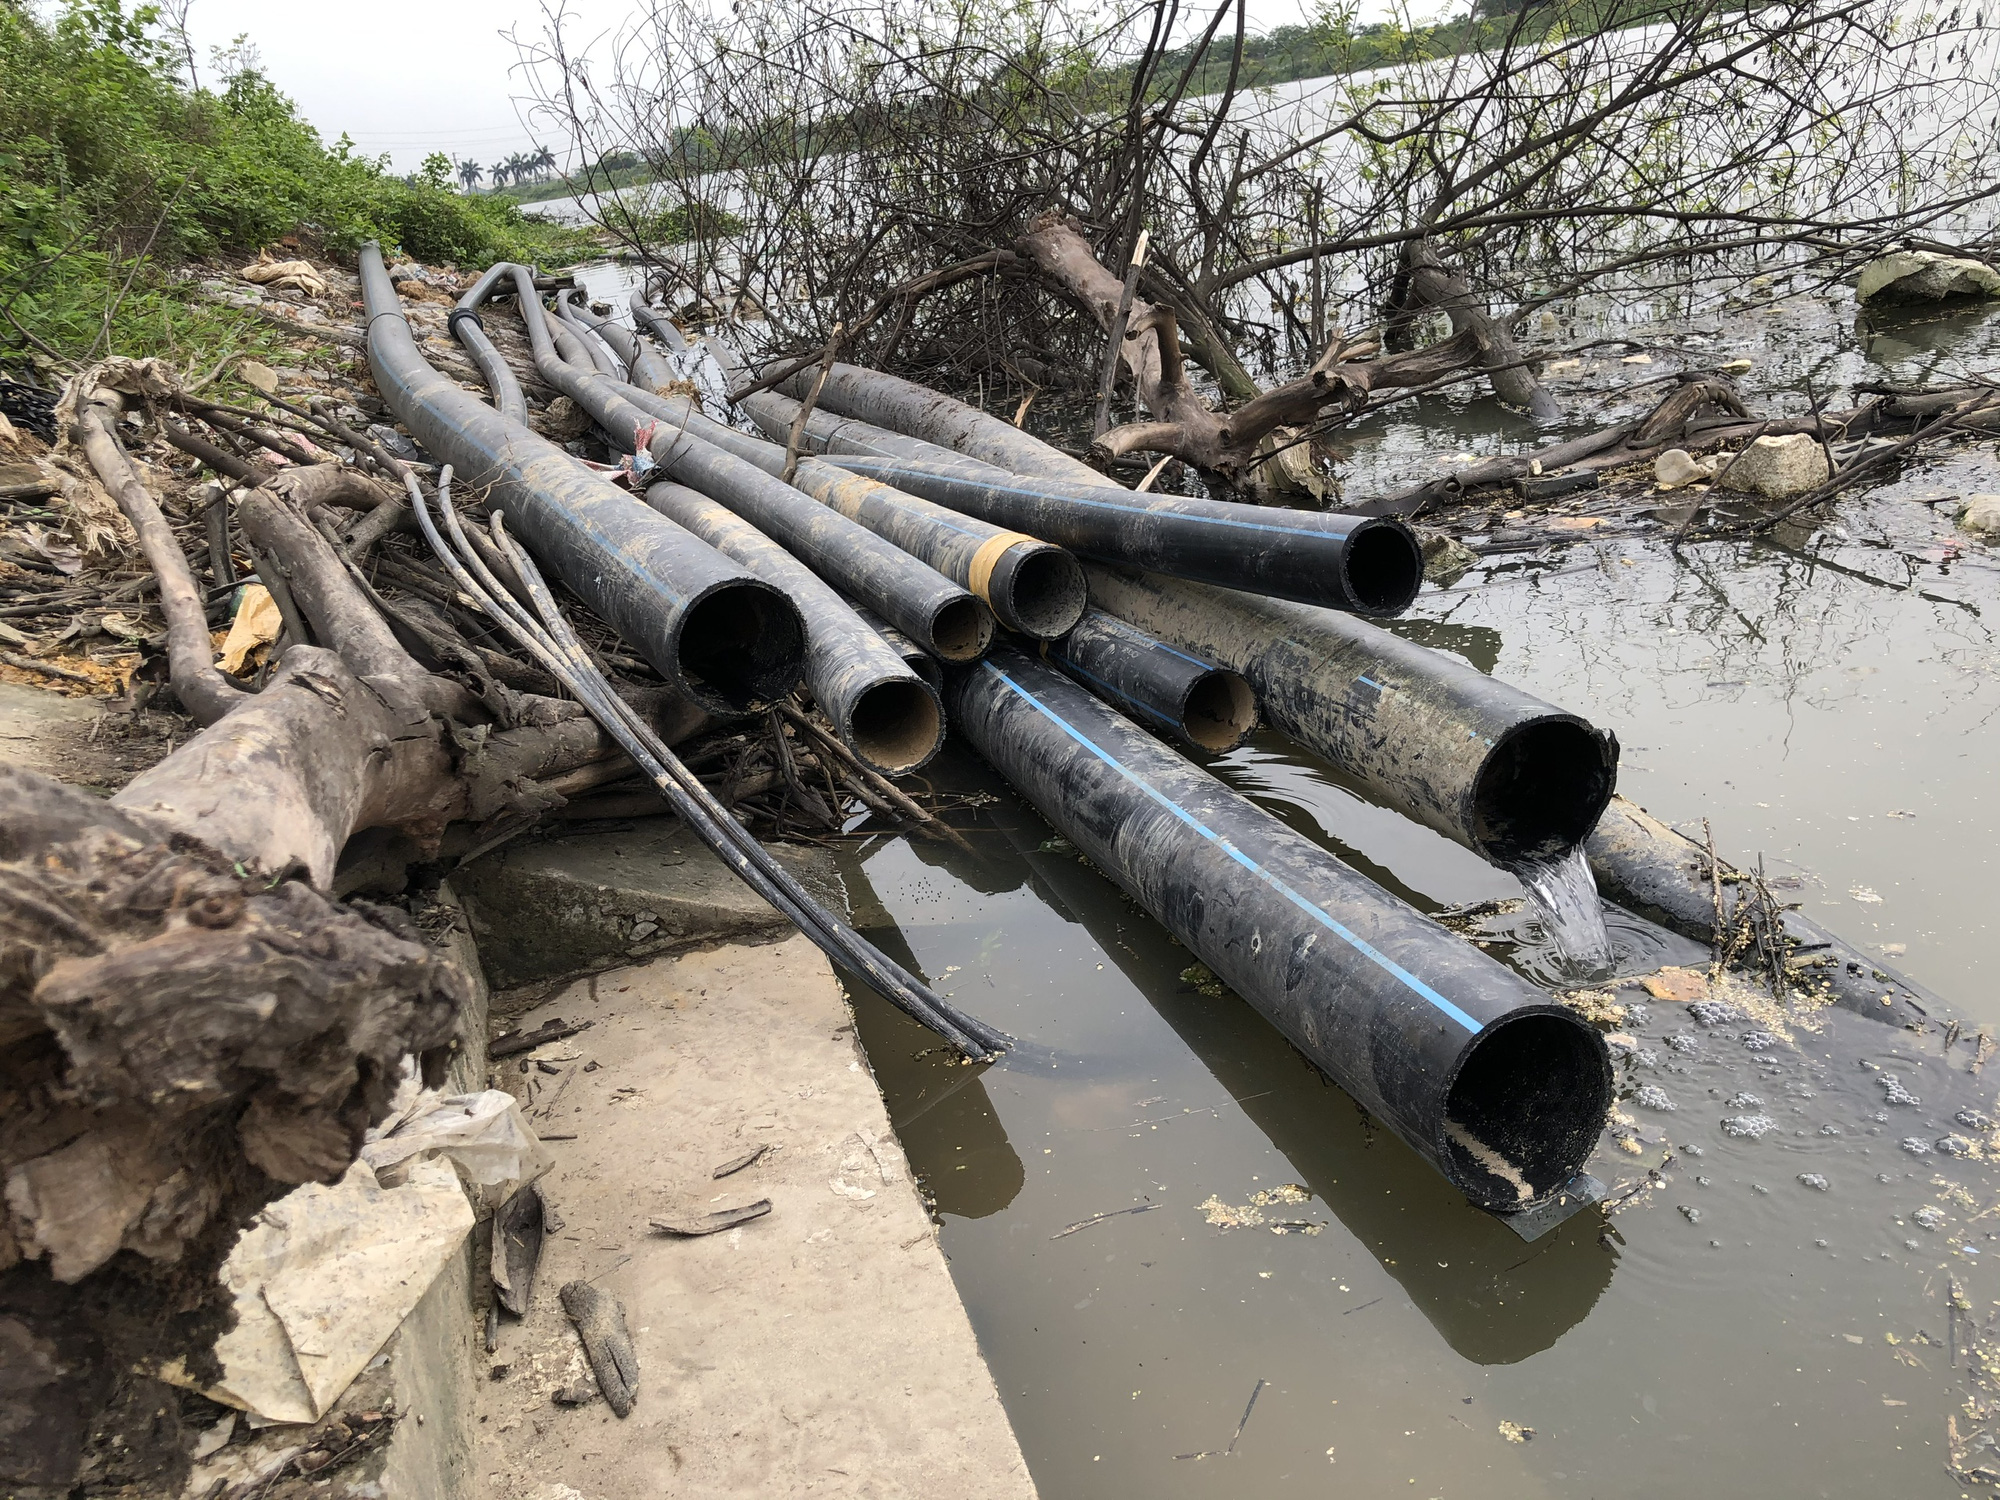 Bắc Ninh: Xử lý hình sự các trường hợp chống đối, gây ô nhiễm môi trường kinh hoàng ở làng giấy Phong Khê - Ảnh 4.